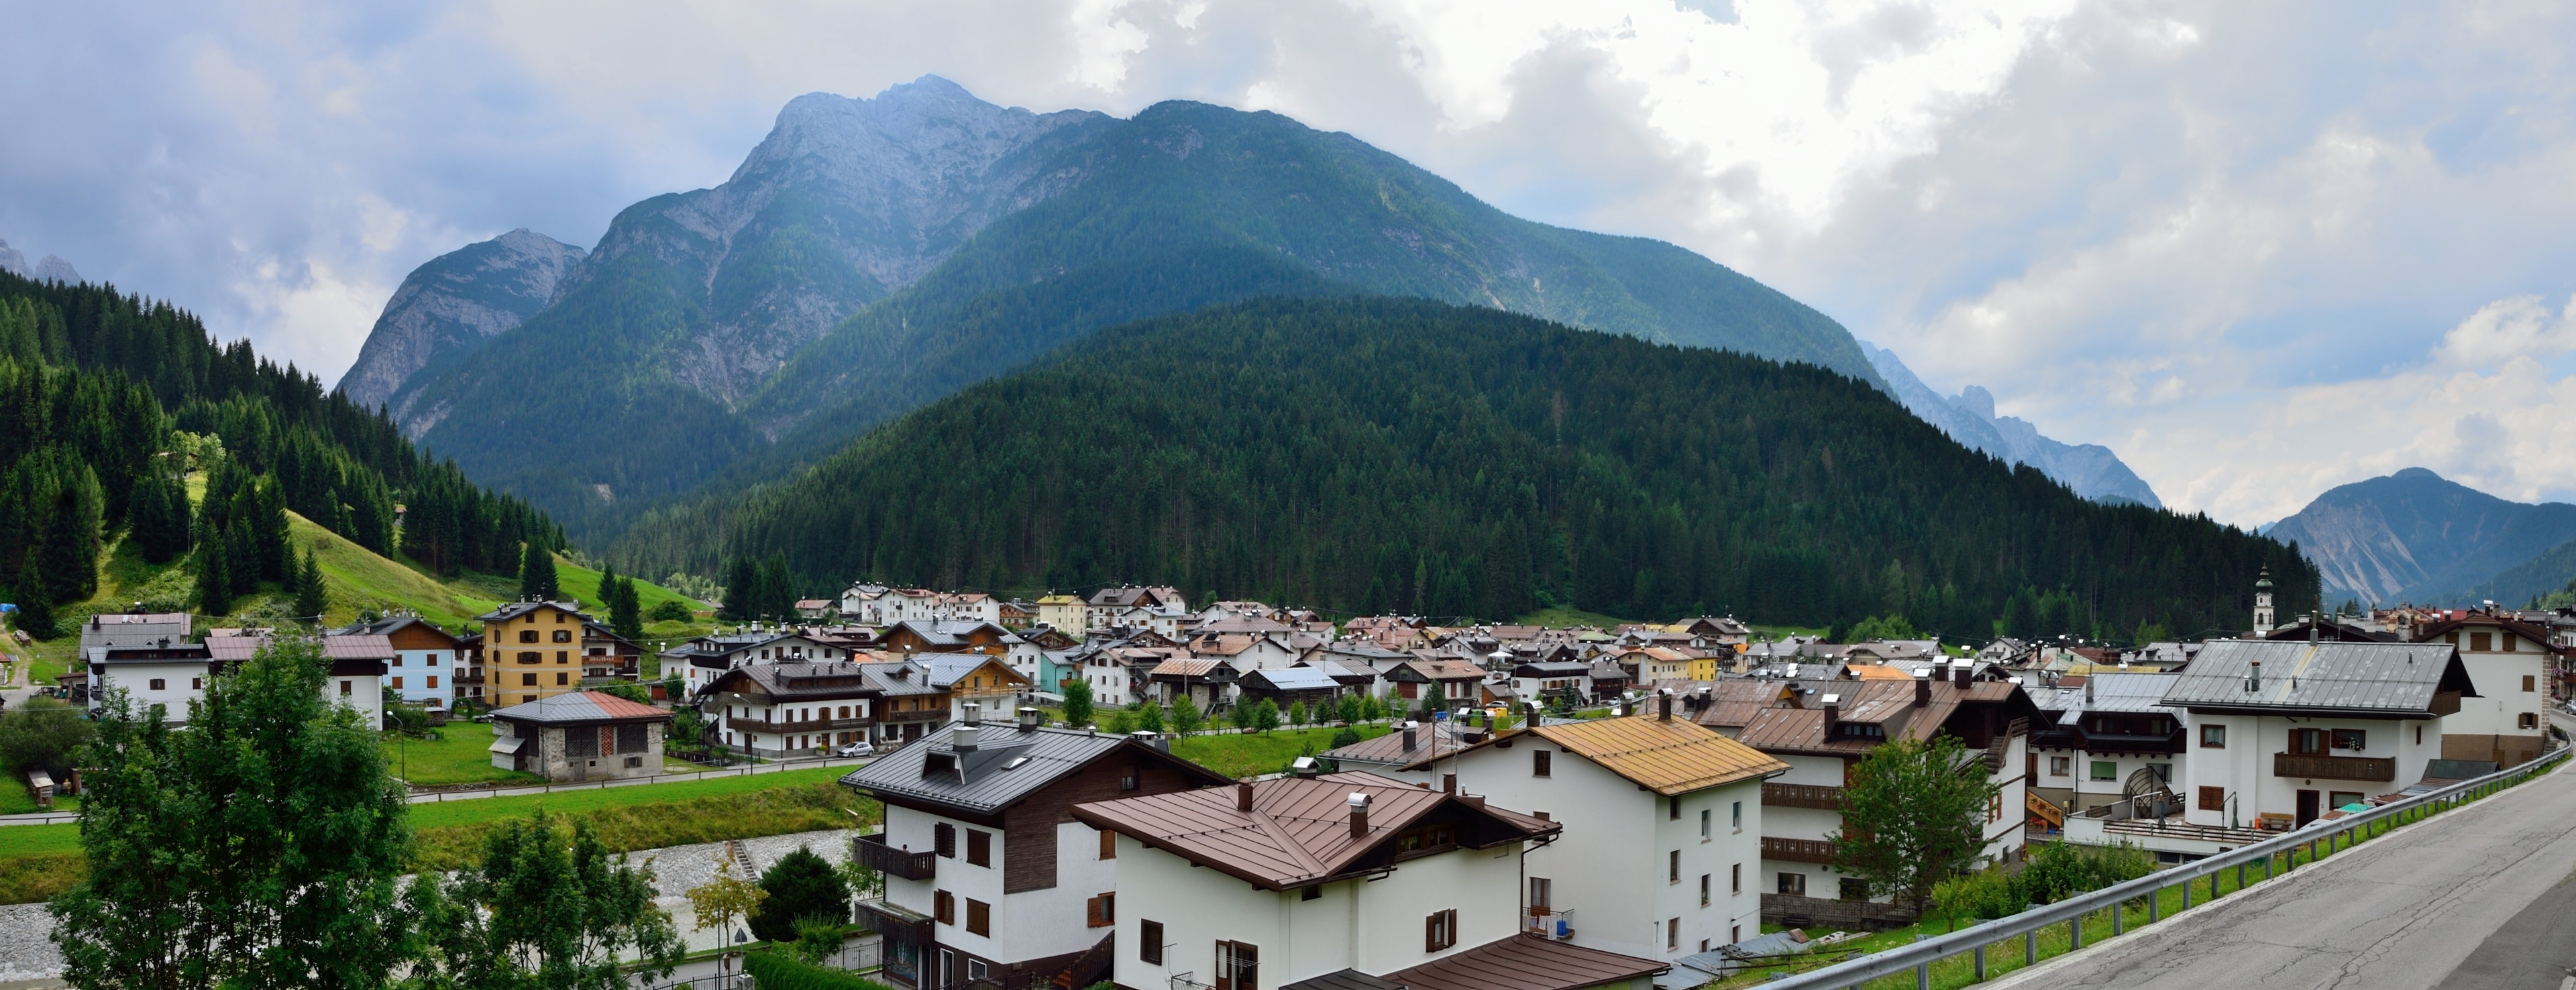 Campolongo, Santo Stefano di Cadore, Veneto, Italy